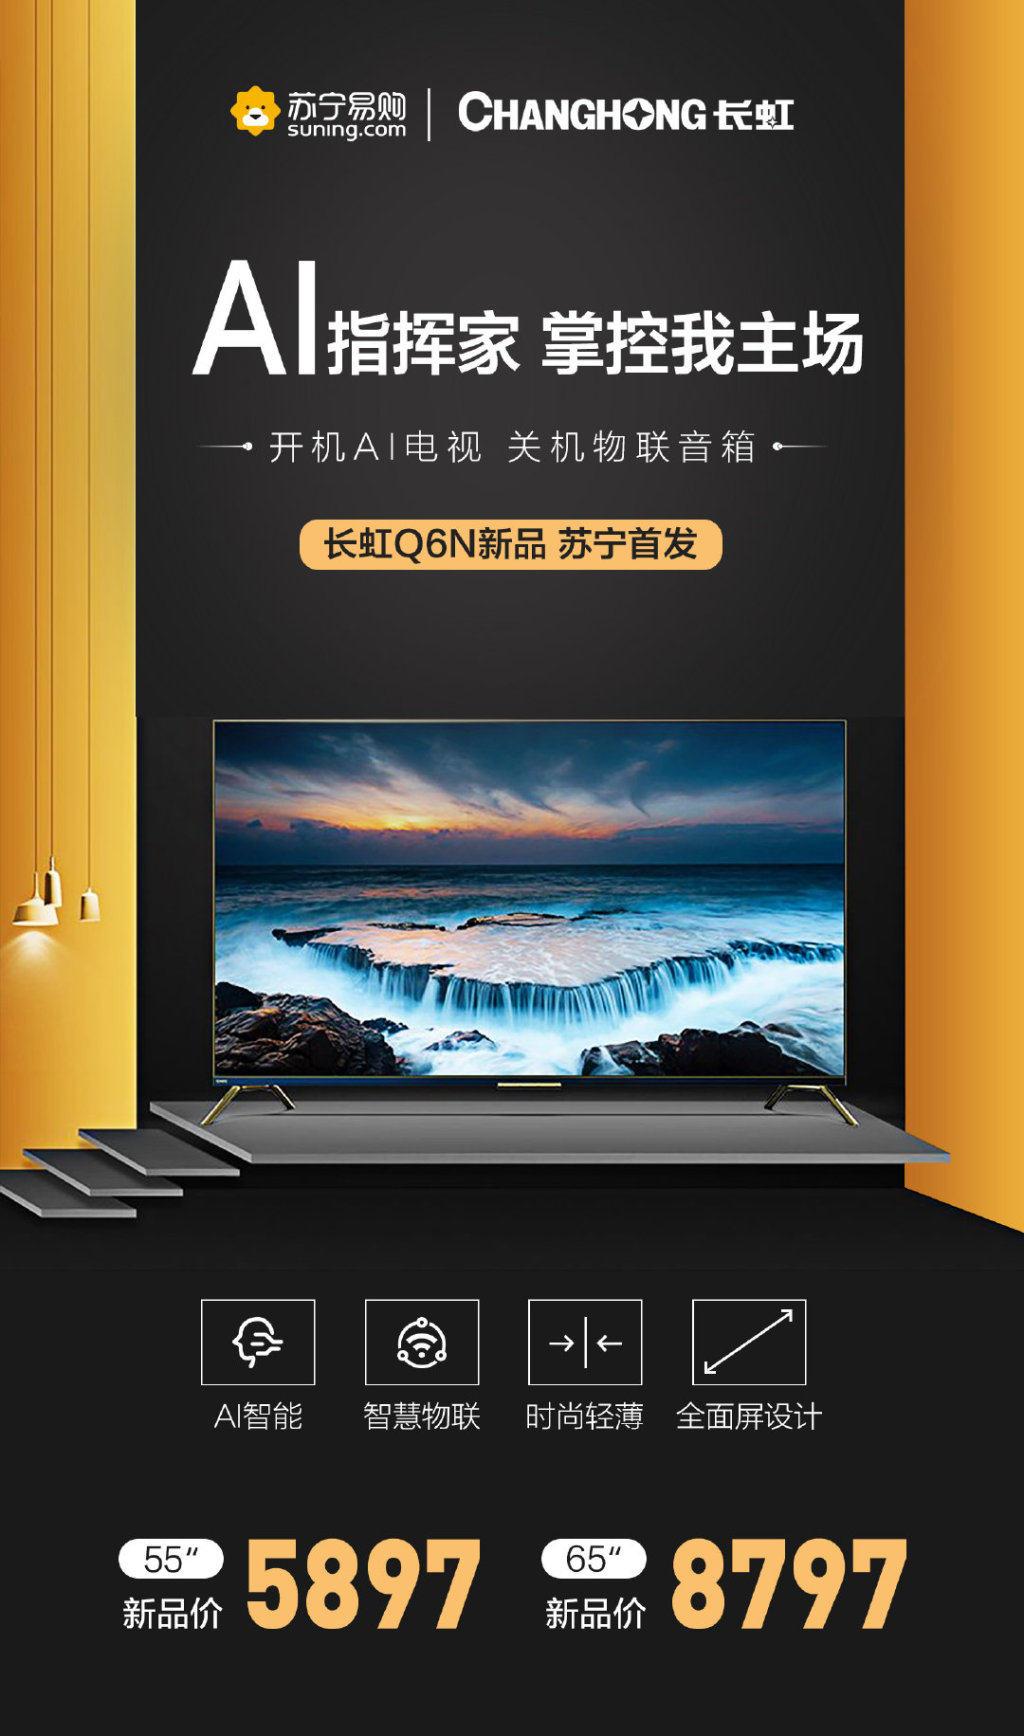 长虹CHiQ电视Q6N新品苏宁首发:有55/65吋可选 售价5897元起